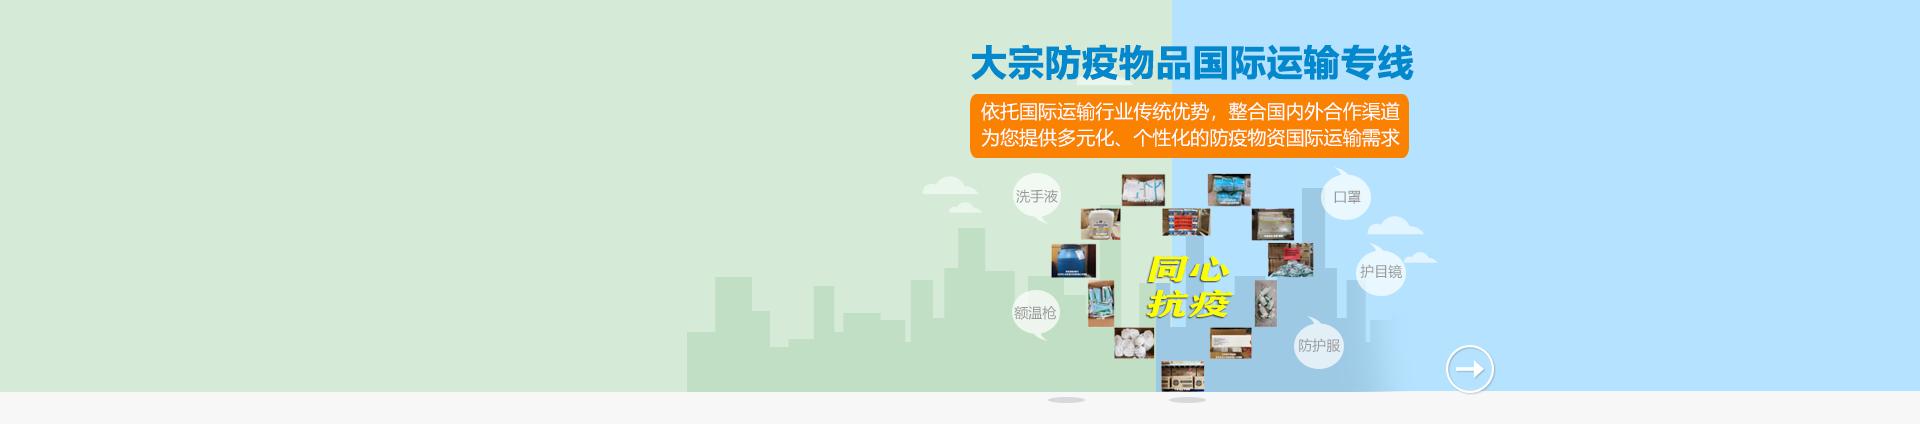 国内资讯_防疫物品快递- 海龙国际快递公司